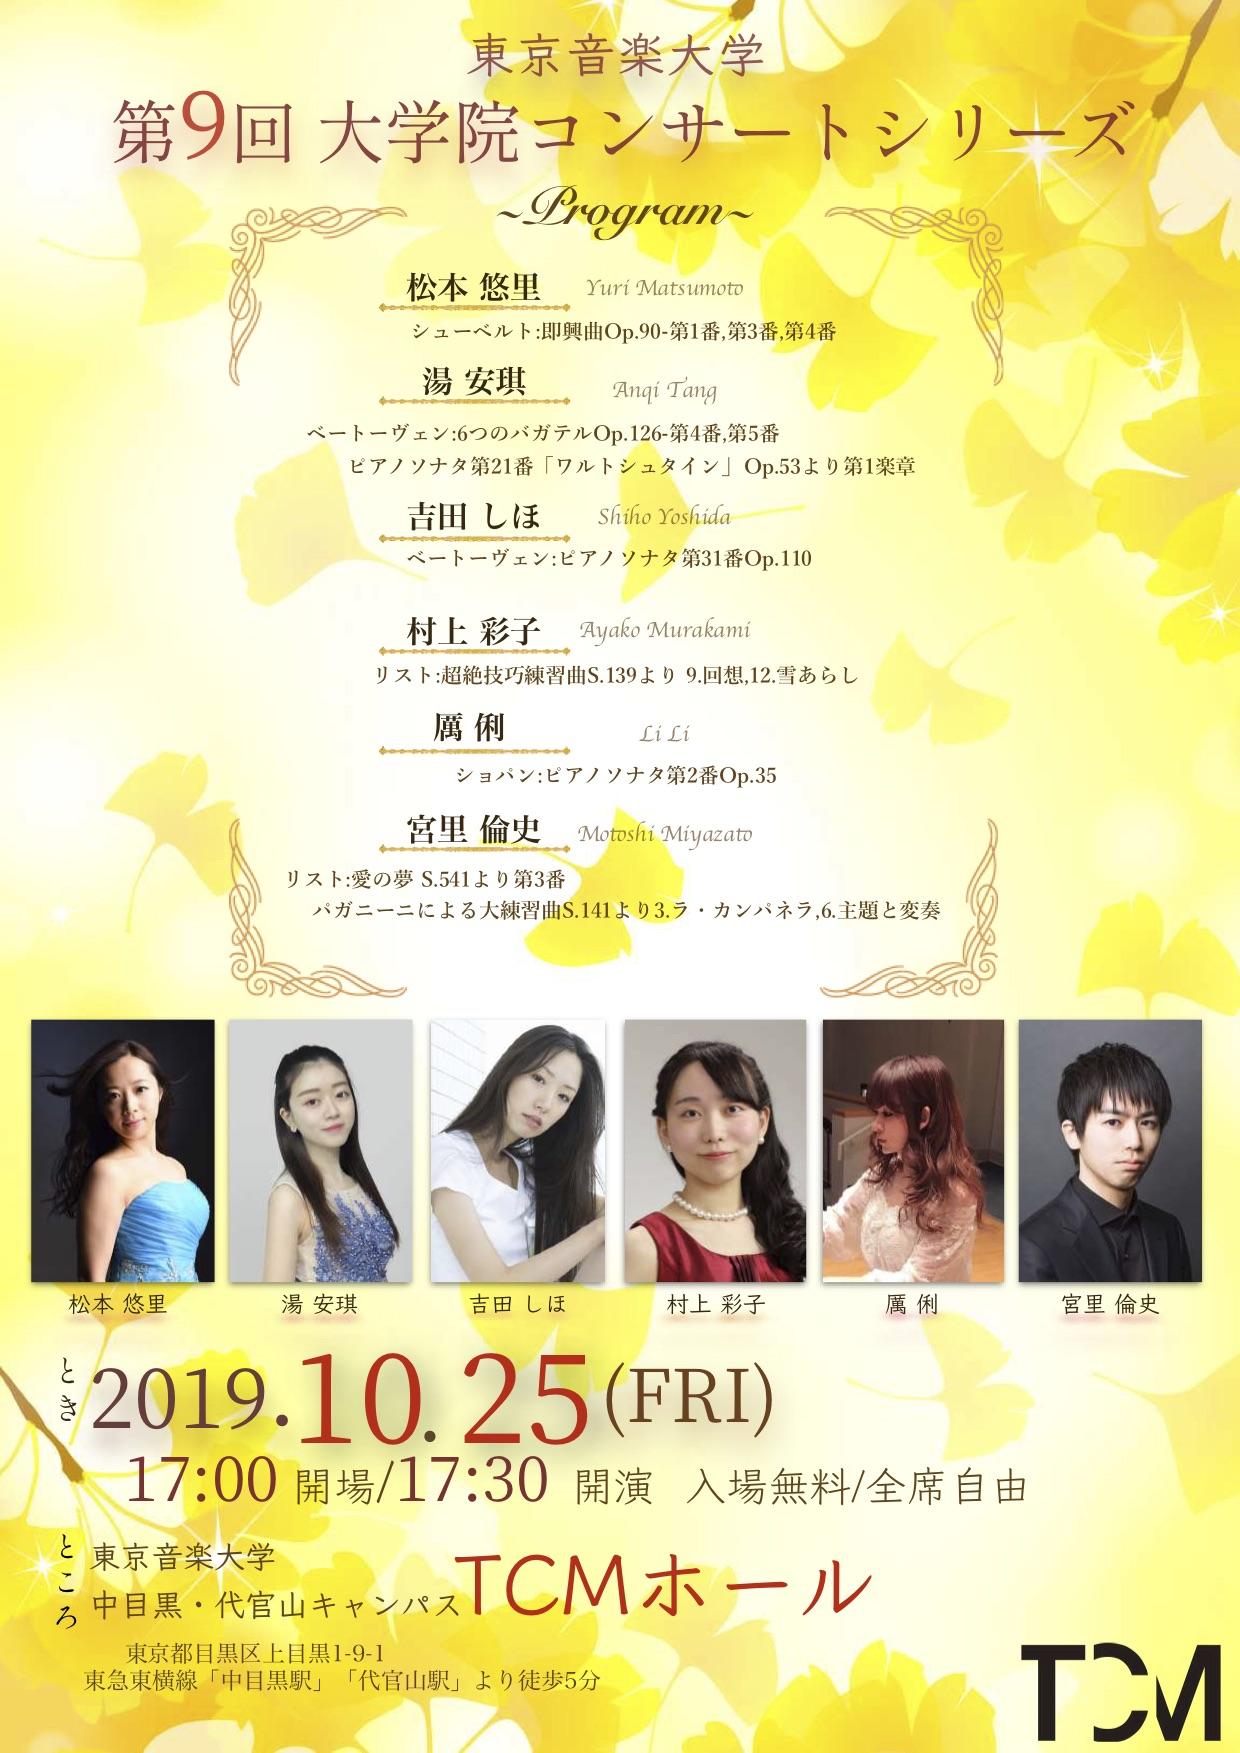 東京音楽大学 第9回大学院コンサートシリーズ